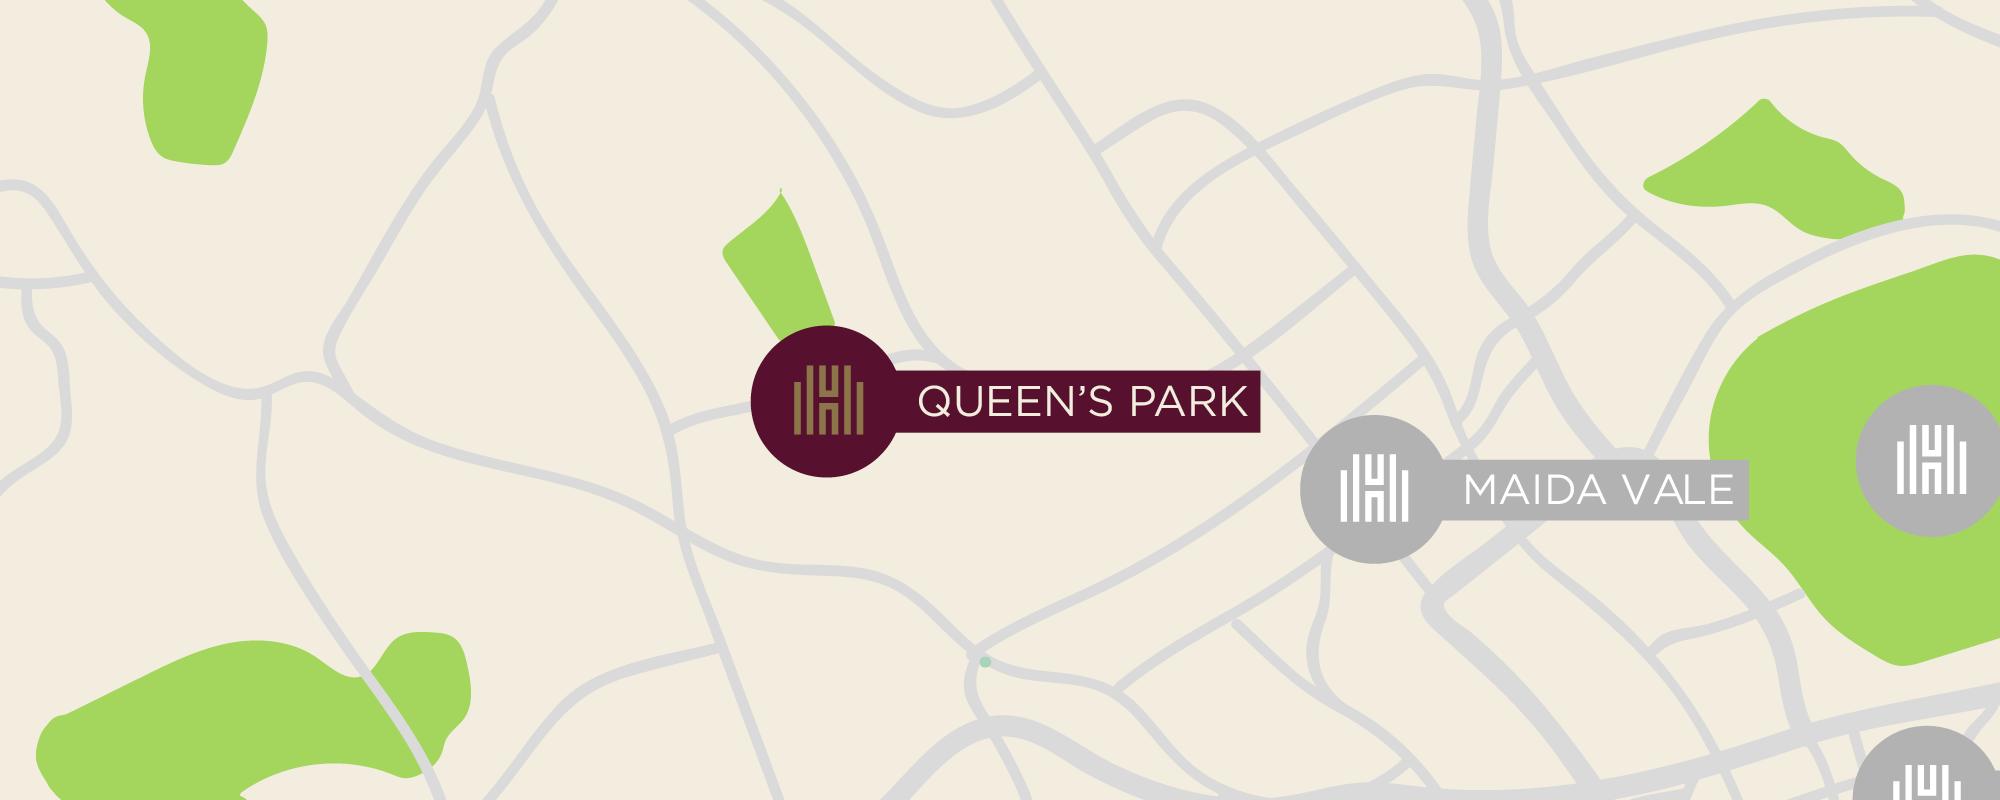 Queen's Park.png